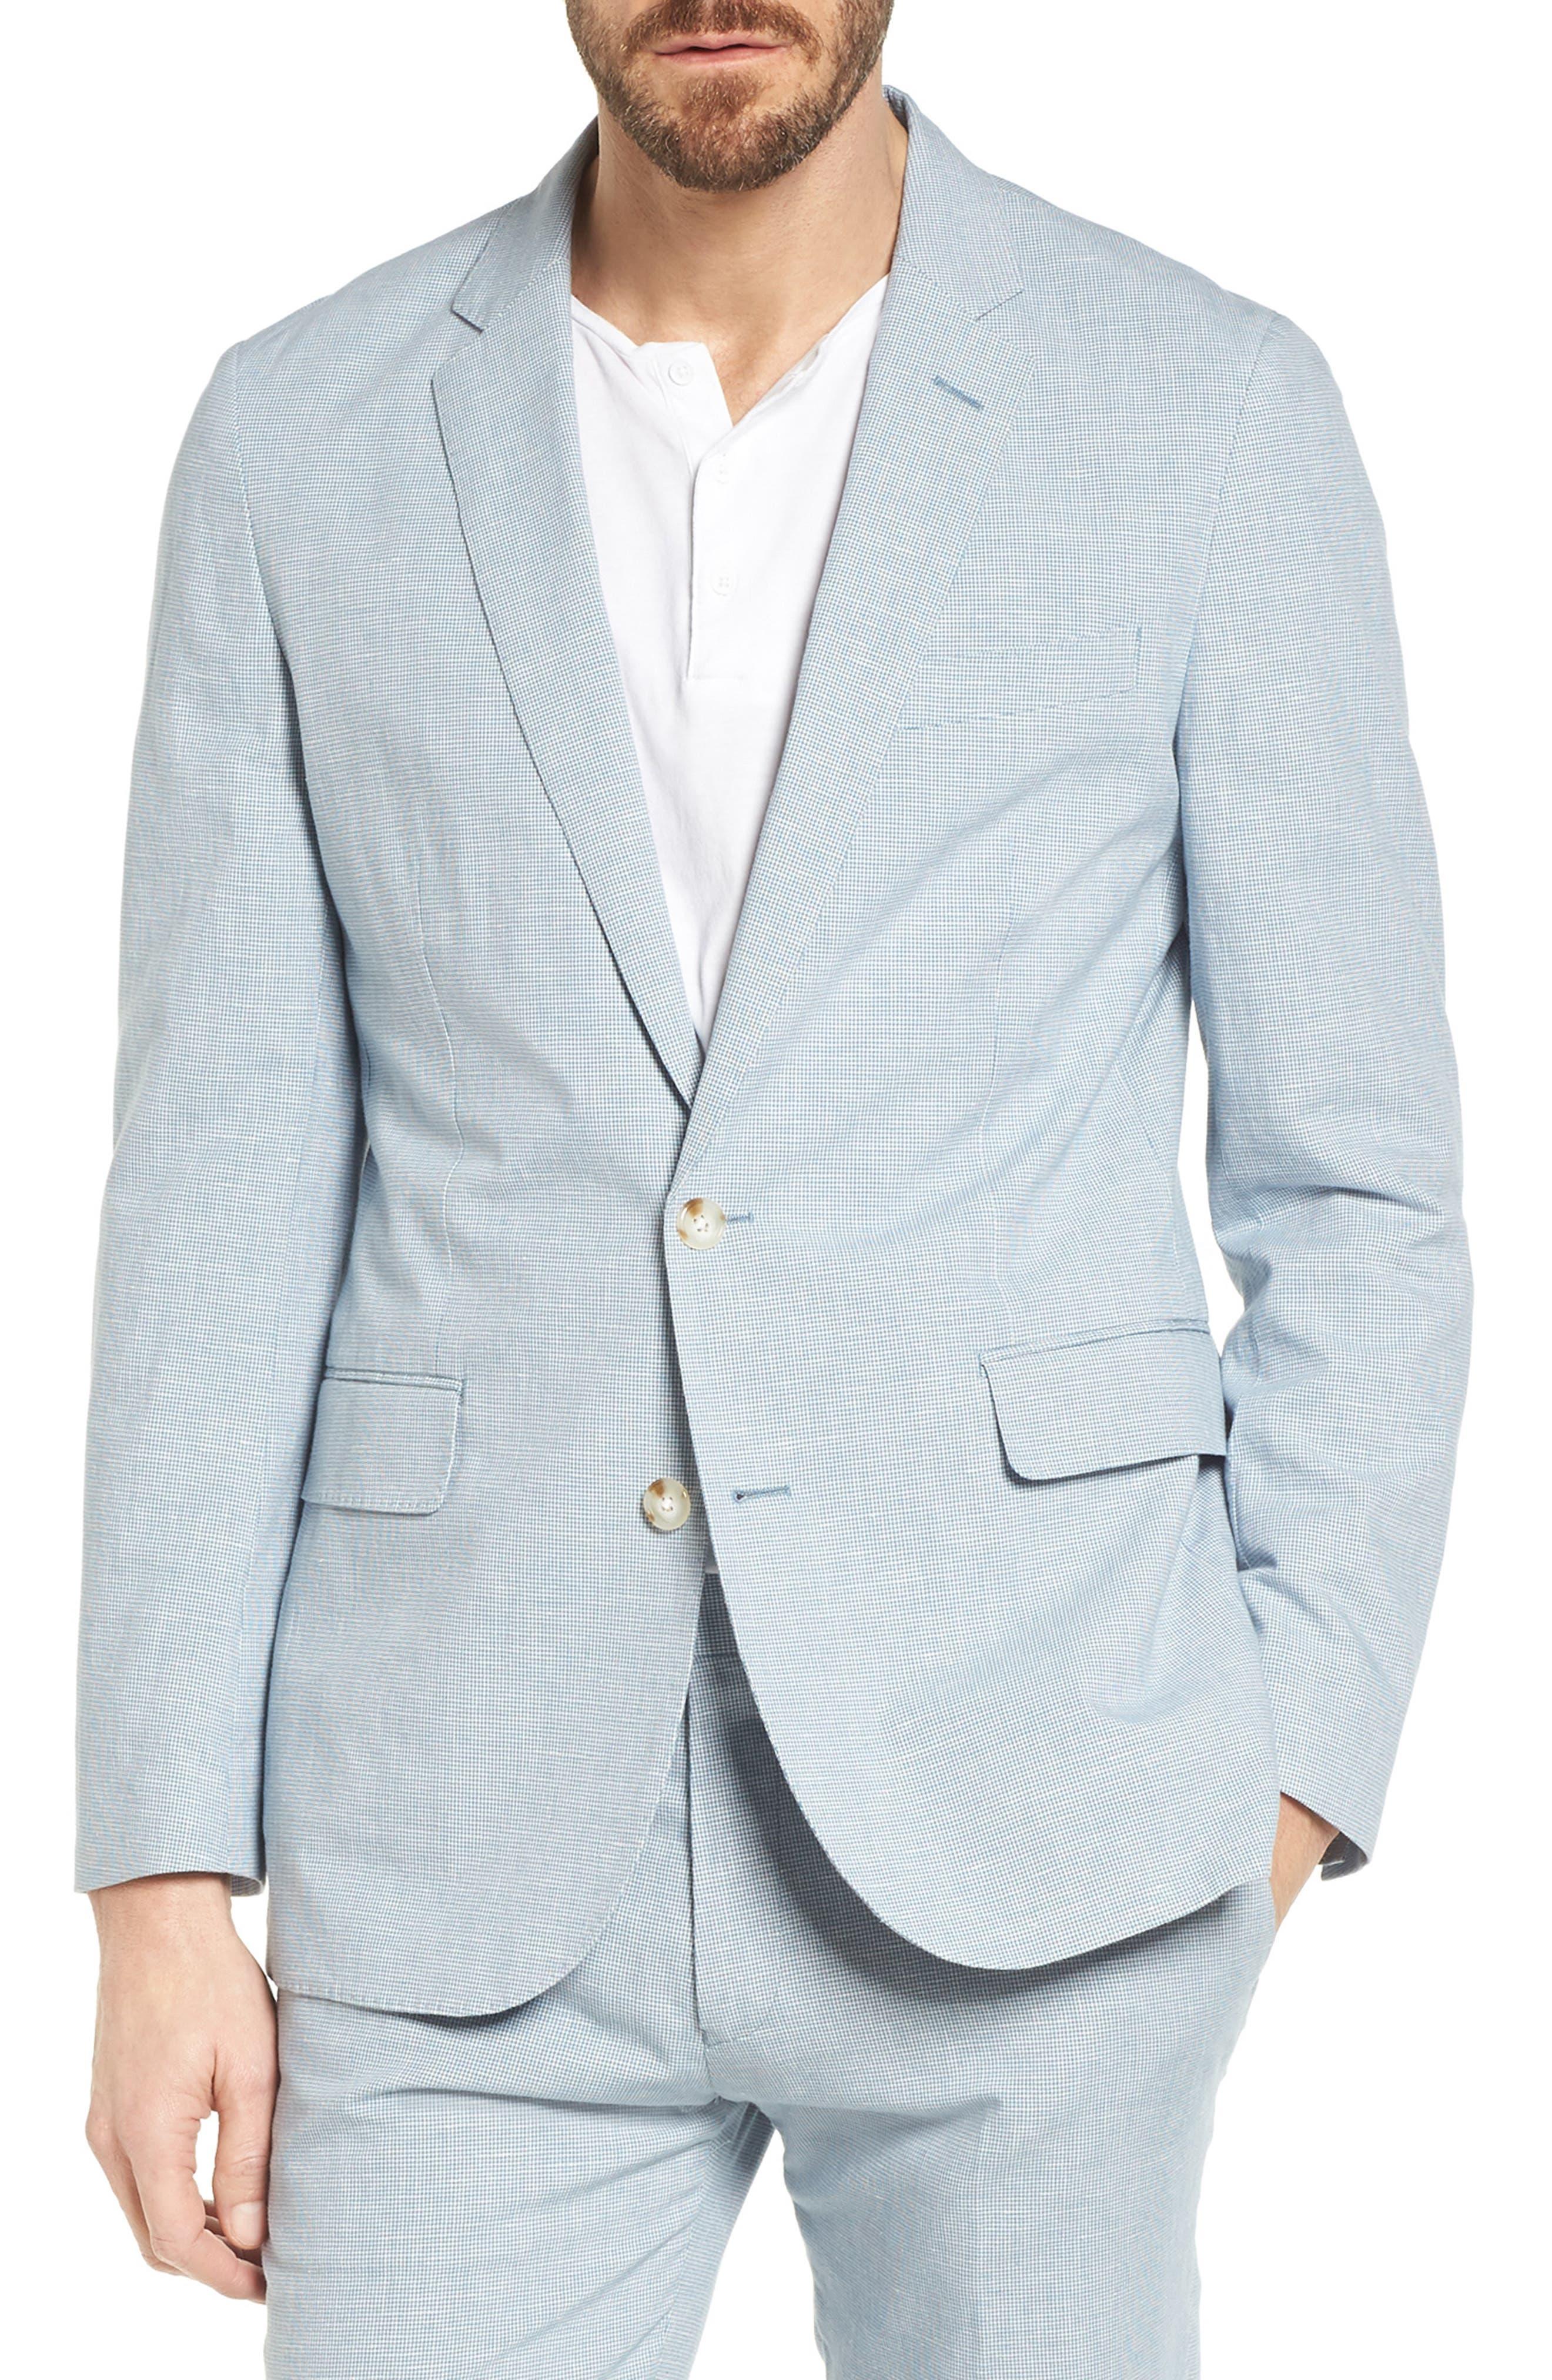 J.Crew Ludlow Houndstooth Cotton & Linen Sport Coat